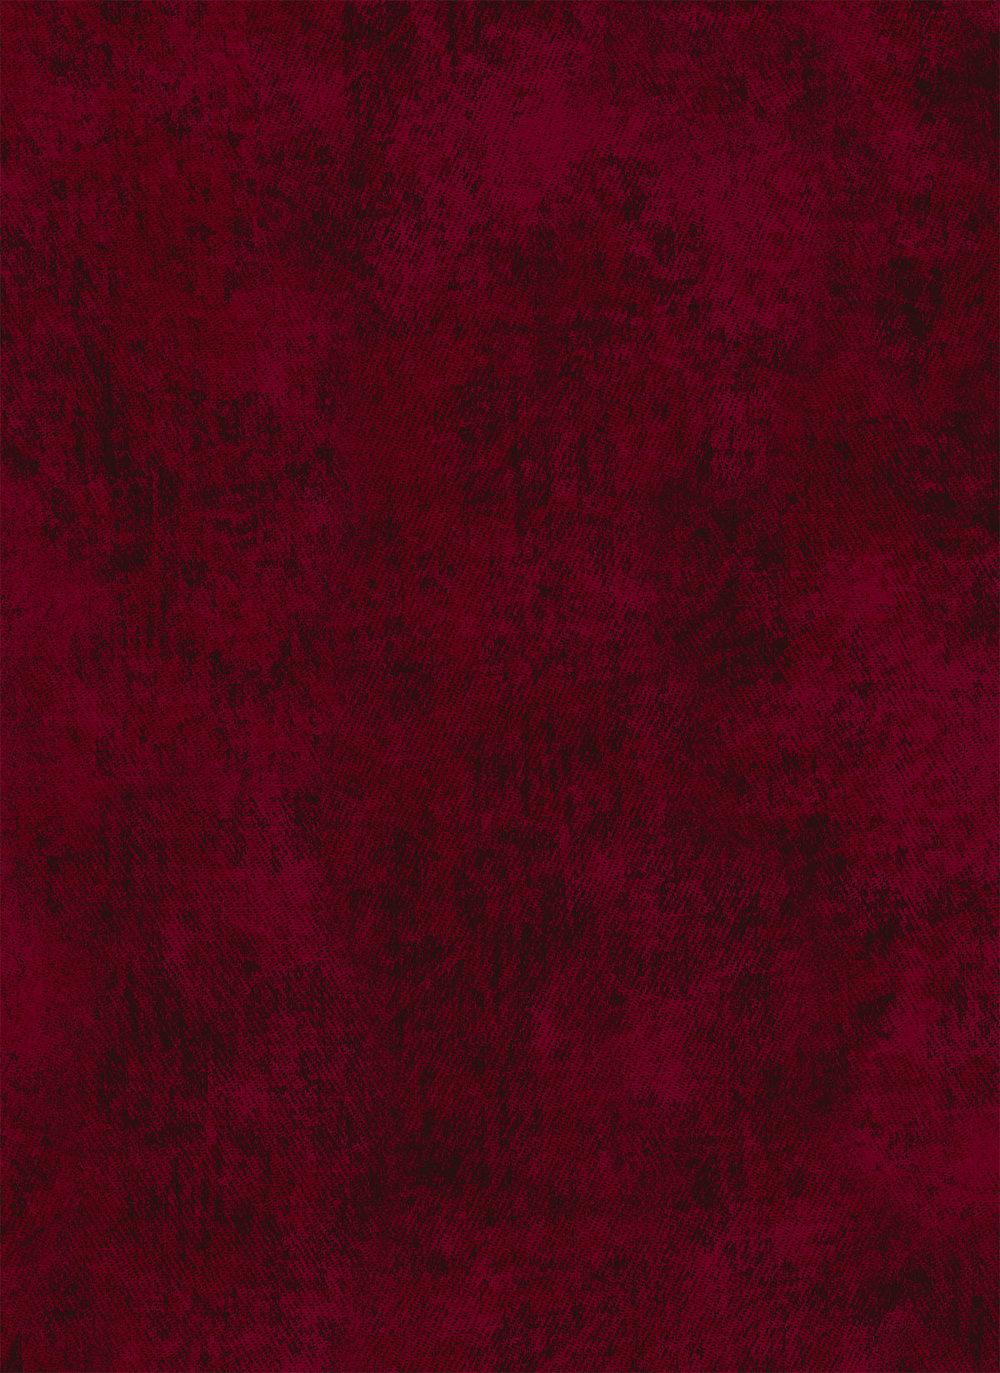 Denim -Red - 3212-020